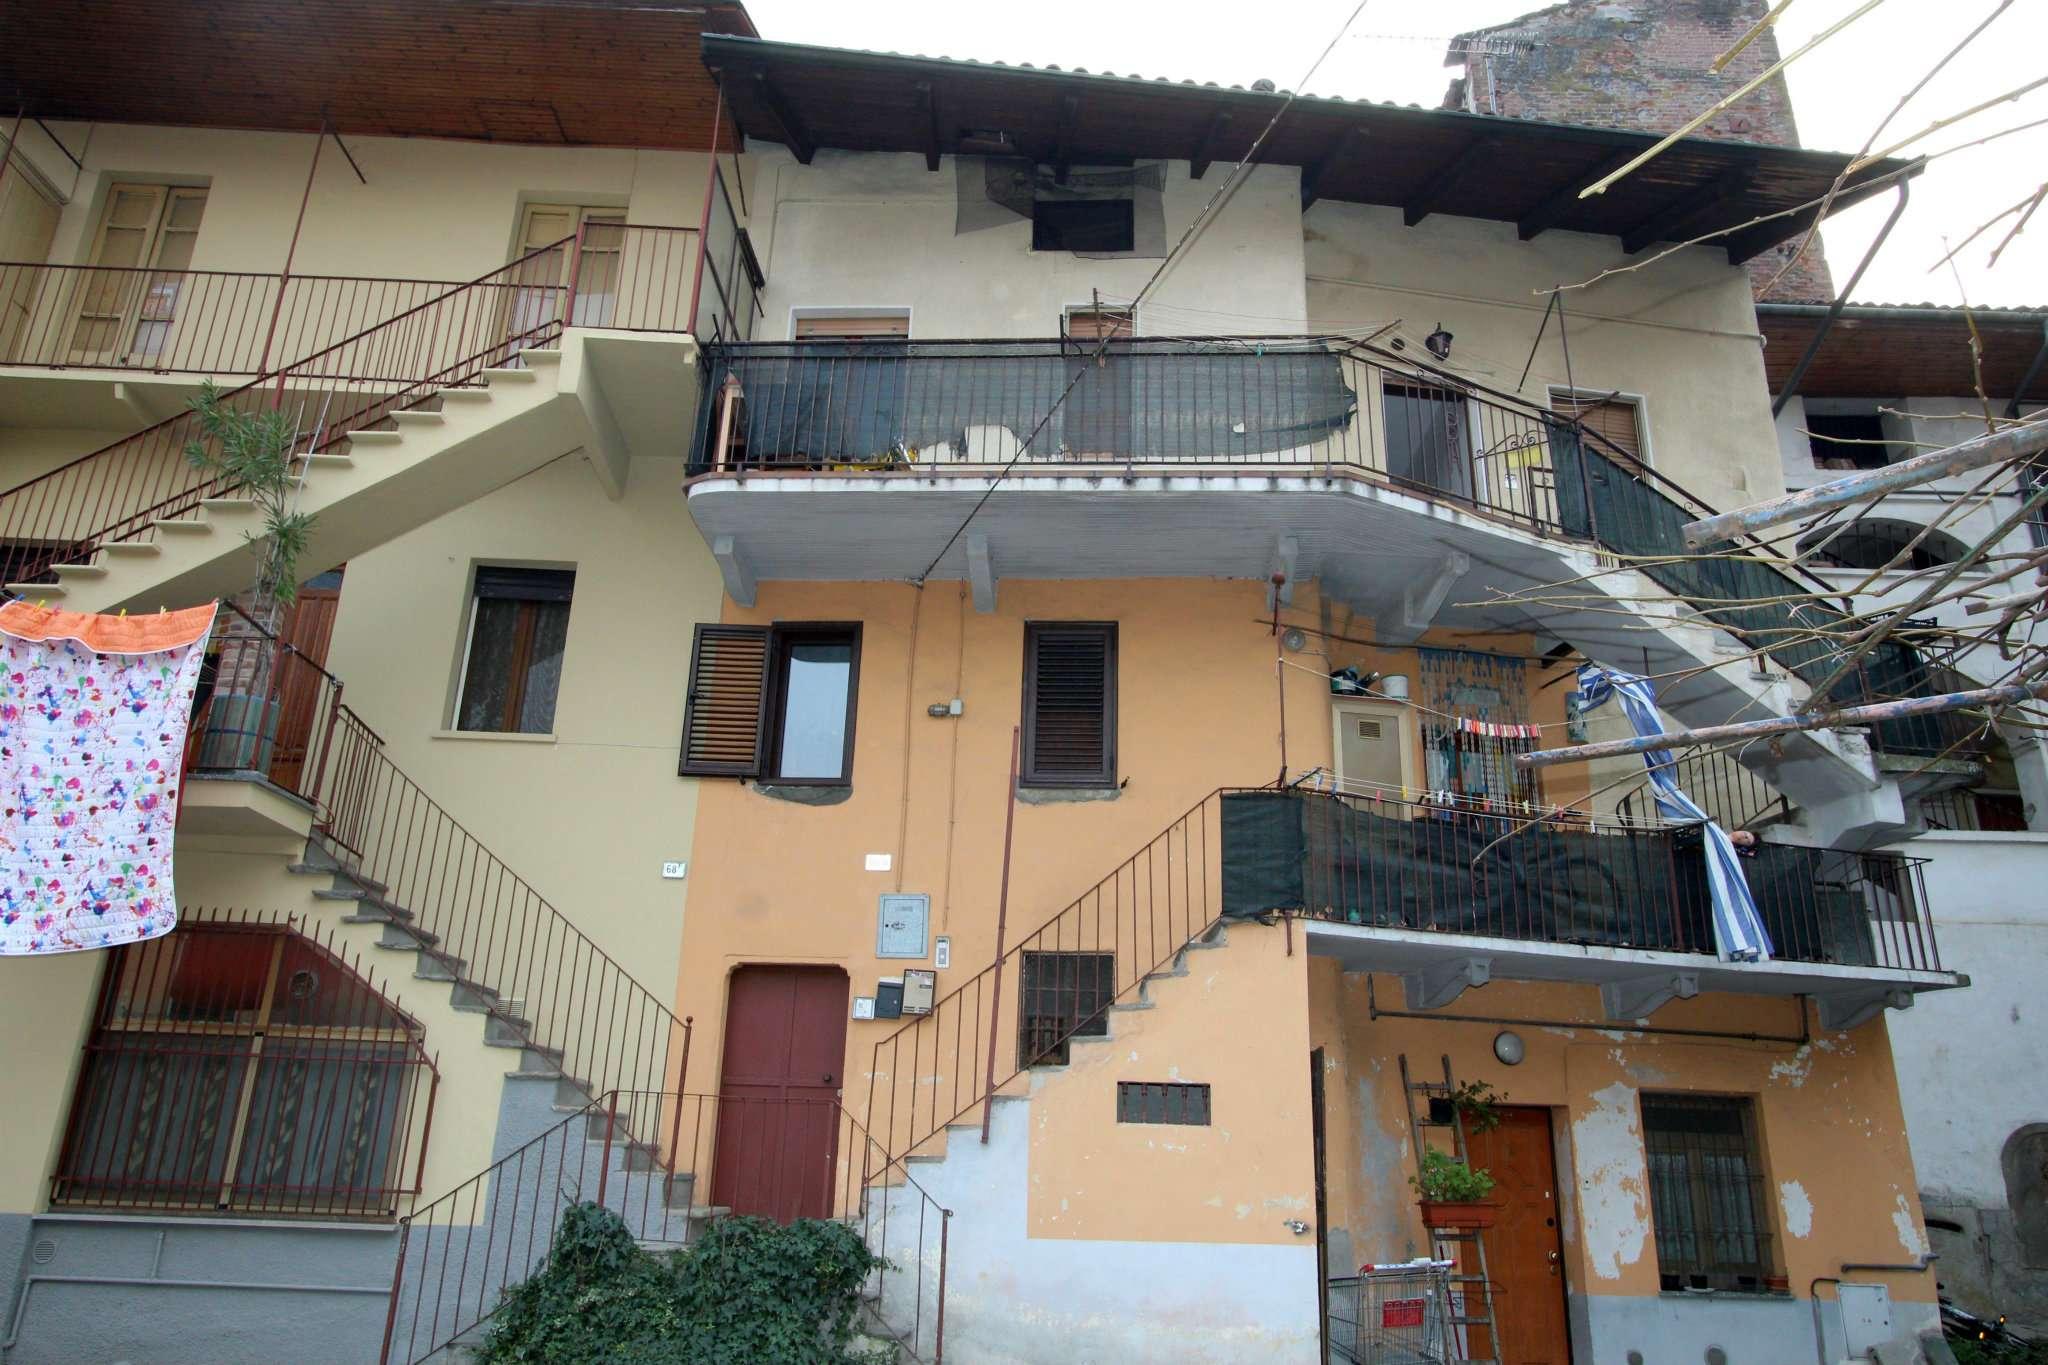 Appartamento in vendita a Sant'Ambrogio di Torino, 4 locali, prezzo € 69.500 | CambioCasa.it